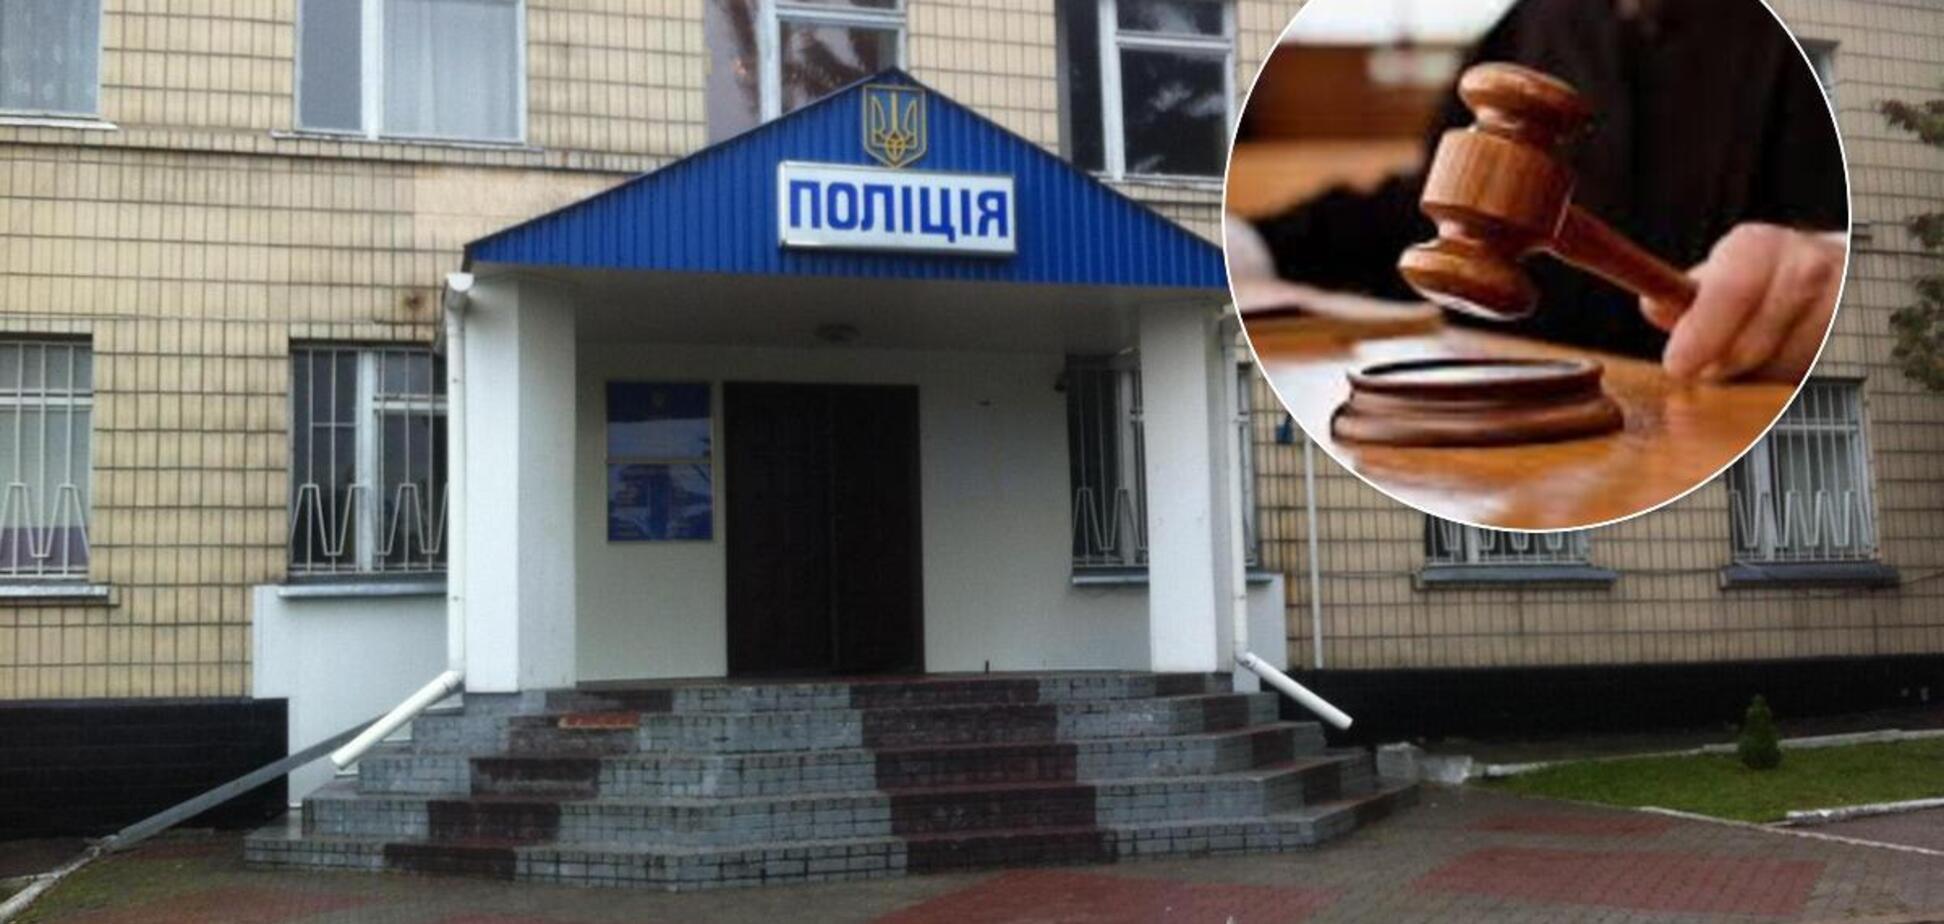 Изнасилование в Кагарлыке: суд принял новое решение